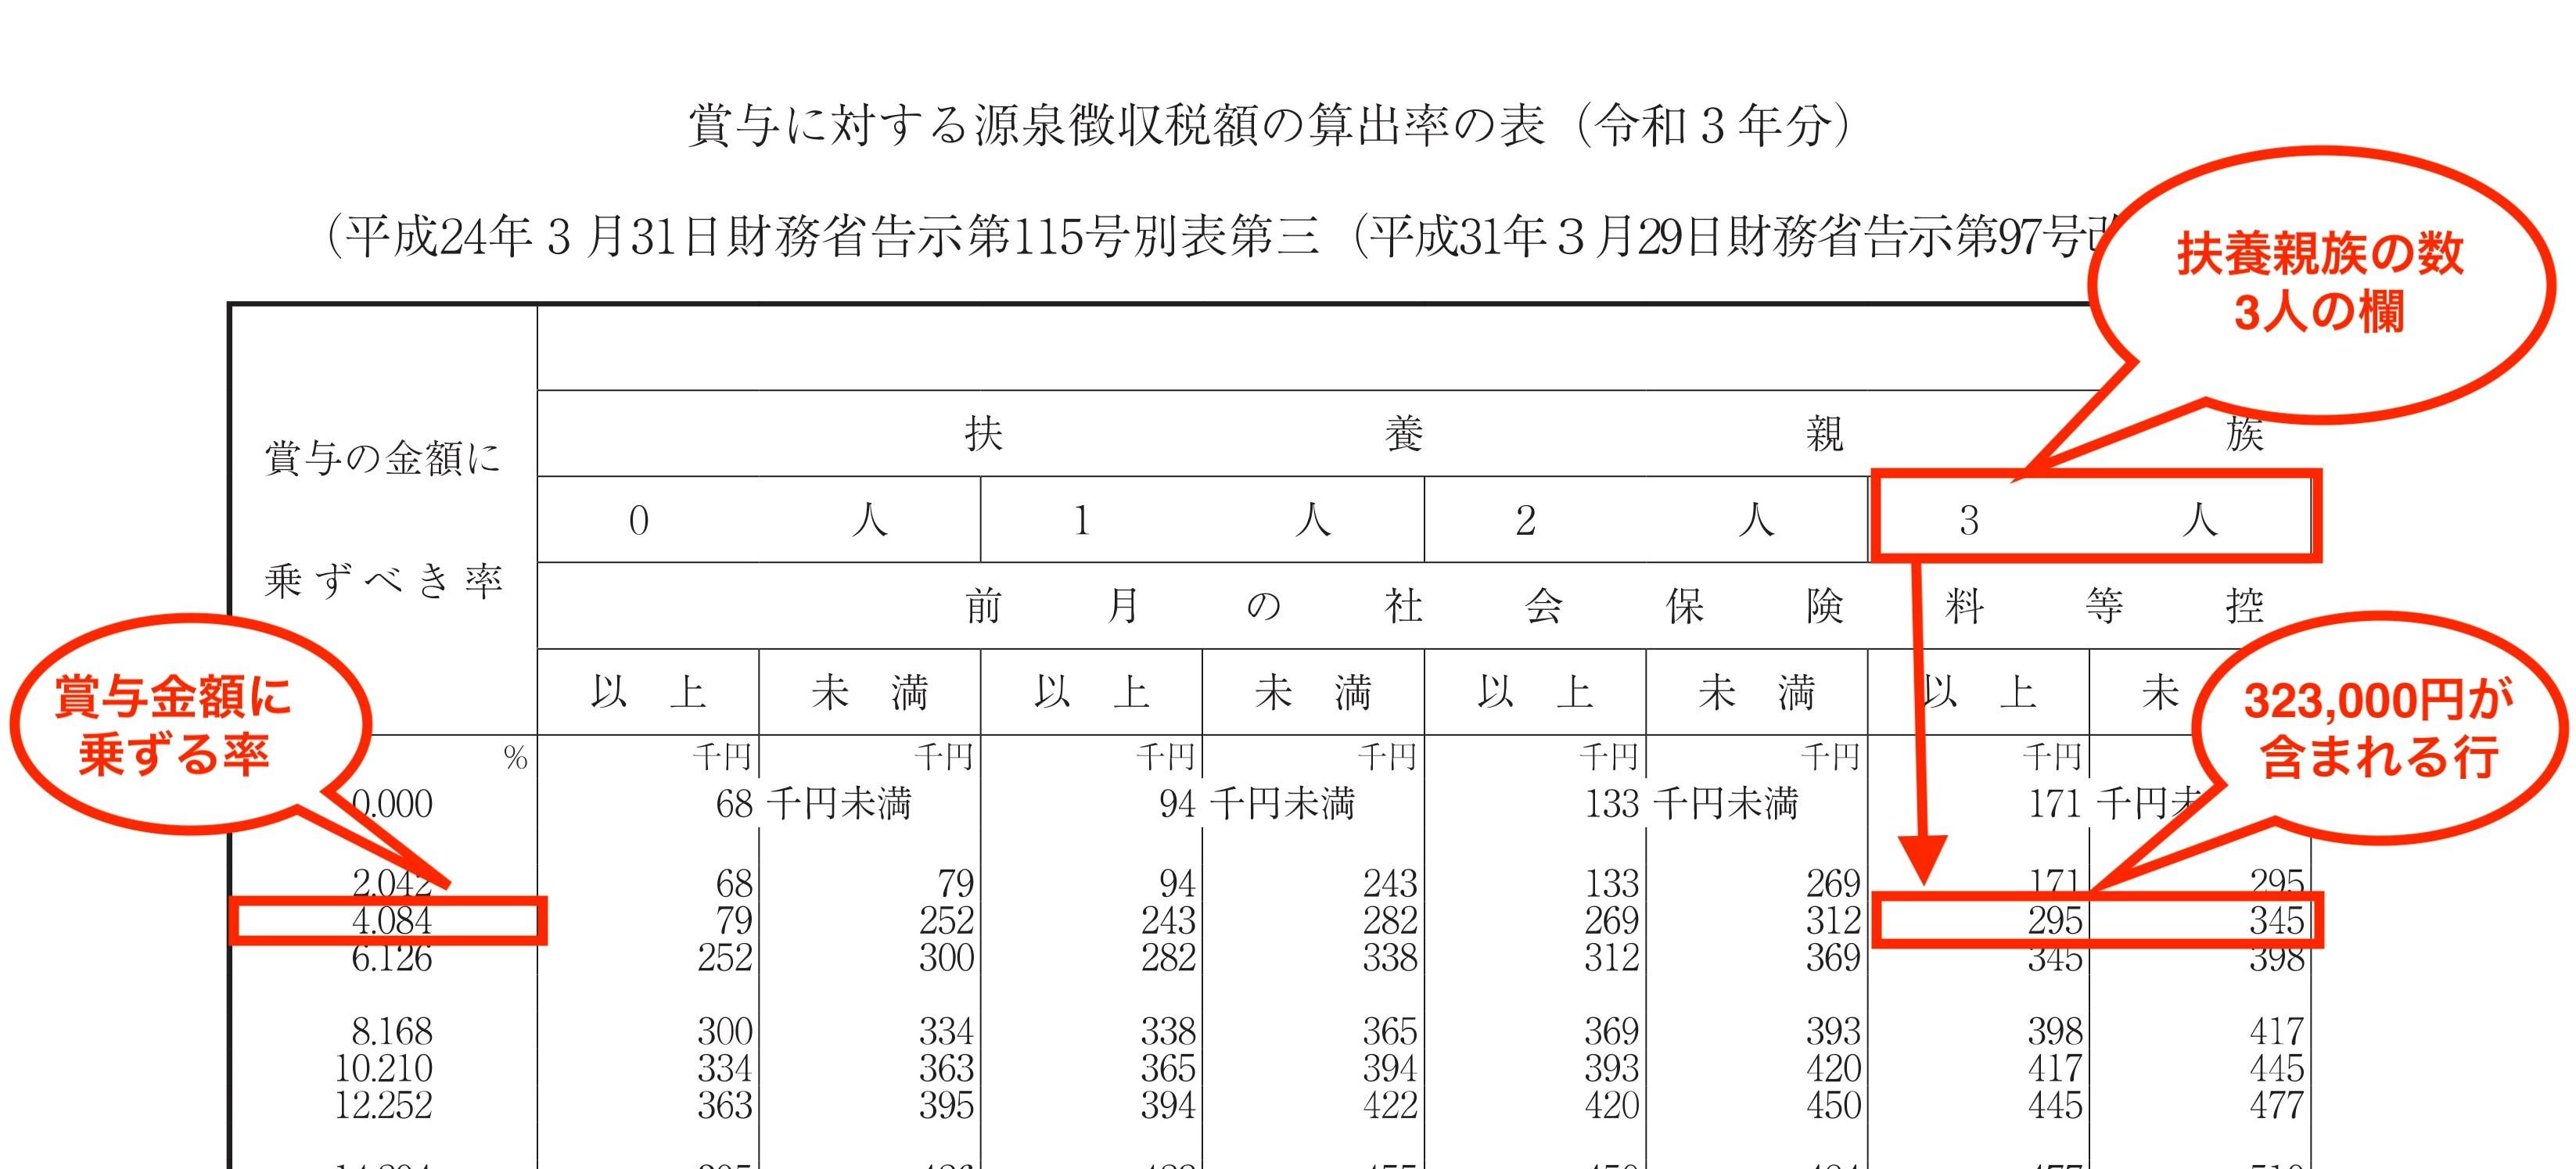 2.賞与の源泉徴収税額